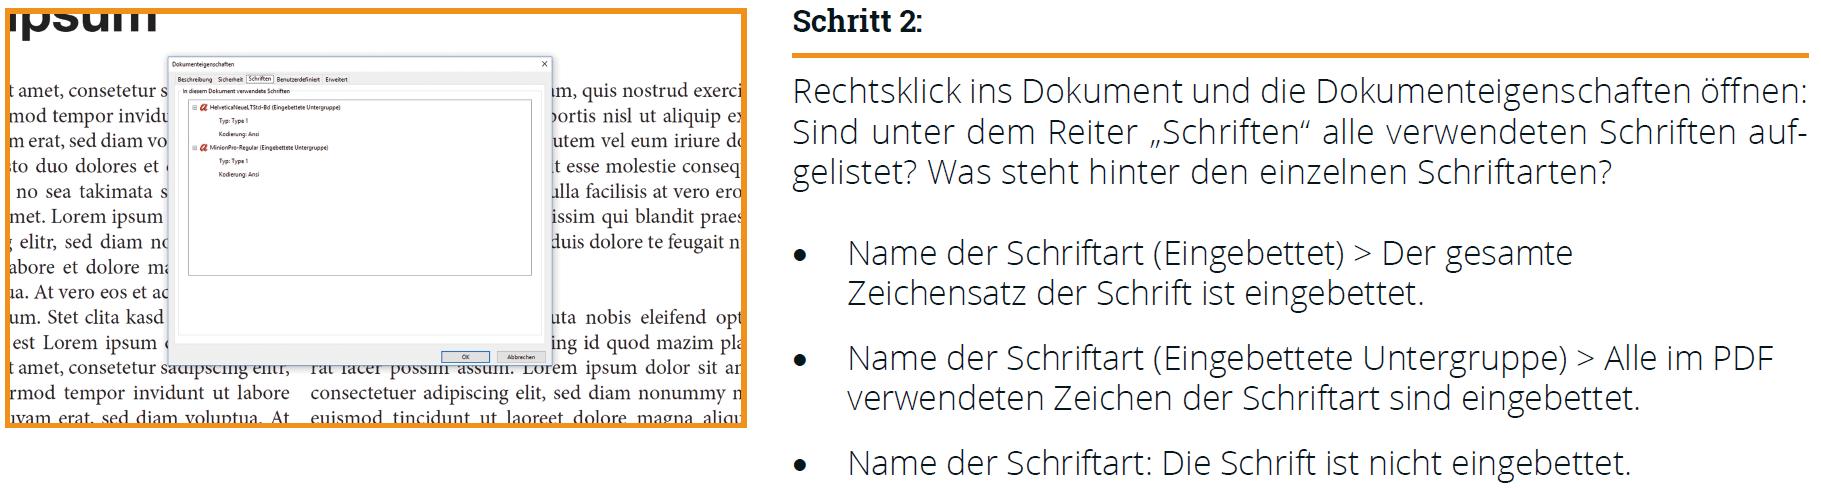 Schriften-einbetten-Schritt-2